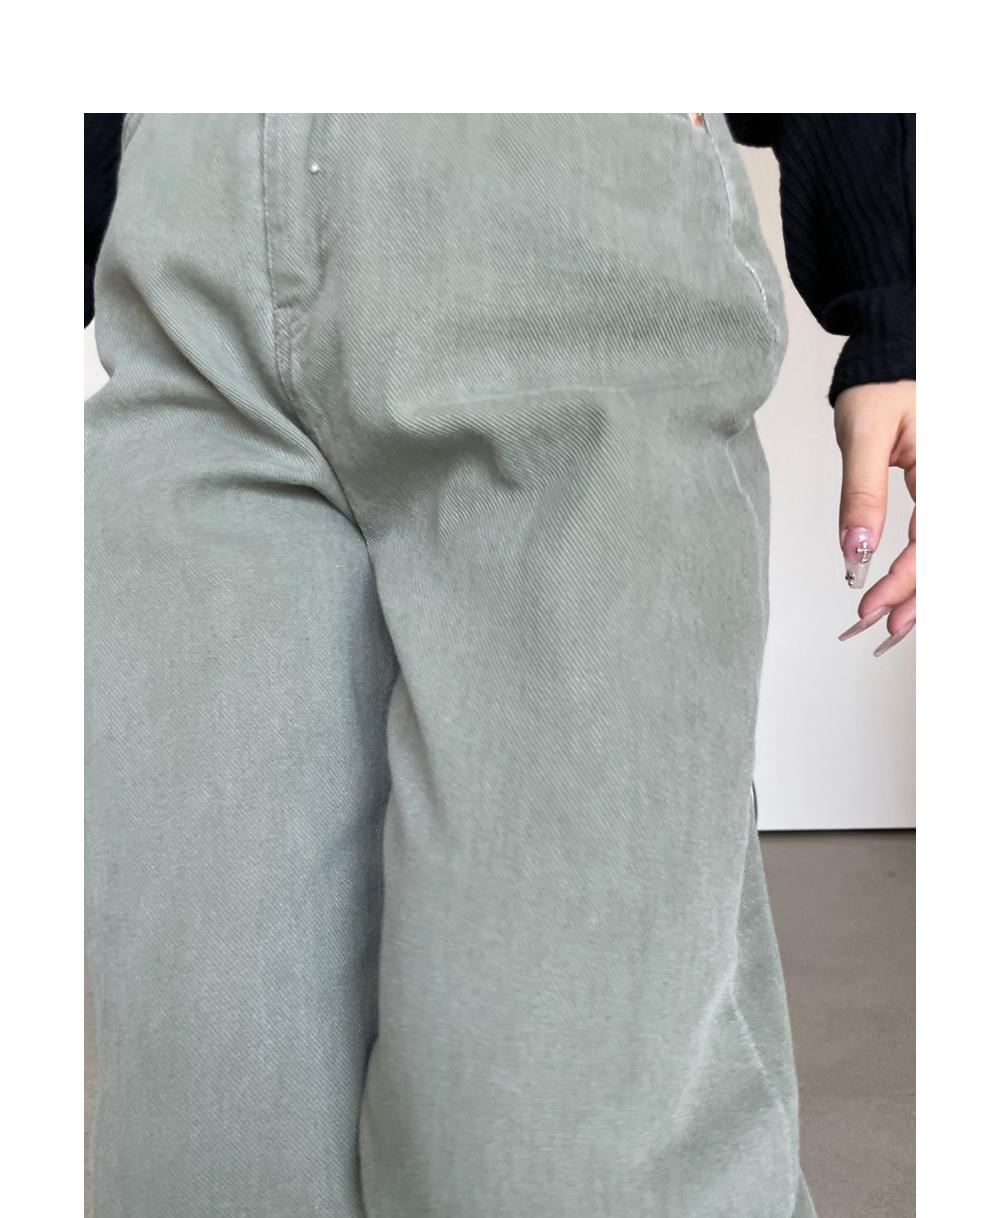 바지 모델 착용 이미지-S3L36